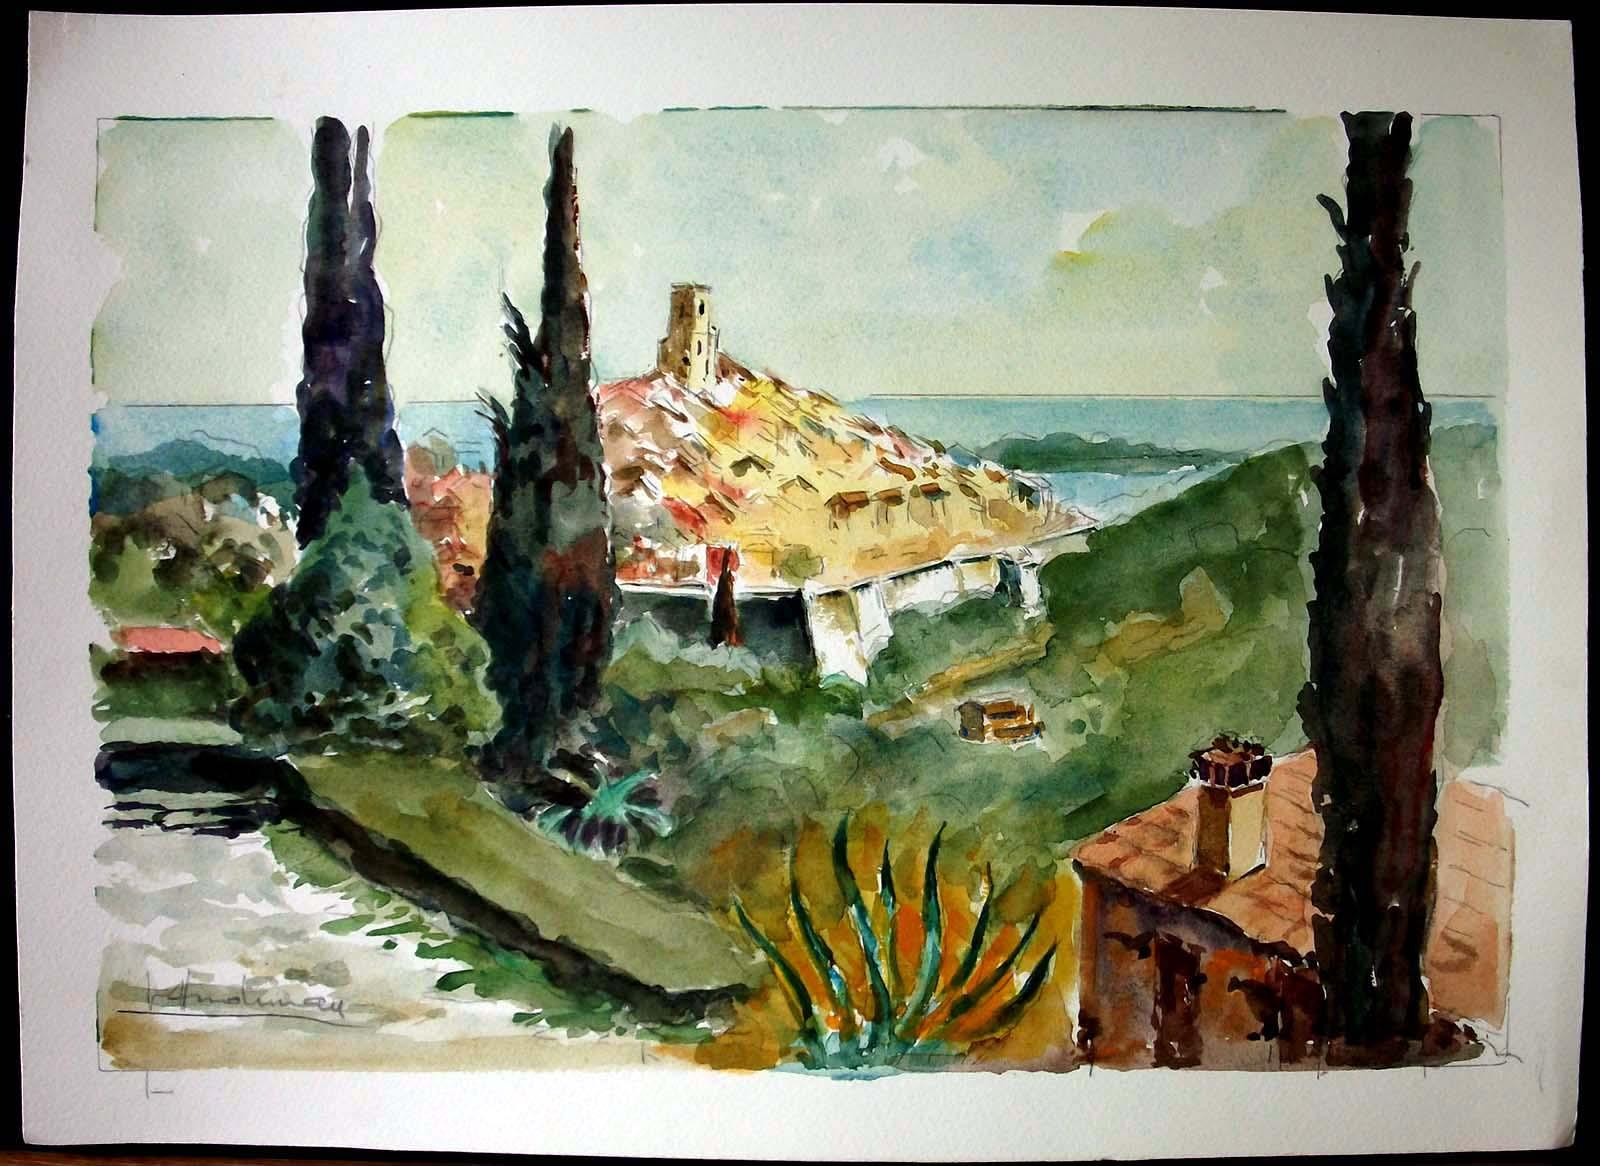 Saint Paul De Vence Art details about st. paul de vence, french riviera, original watercolor